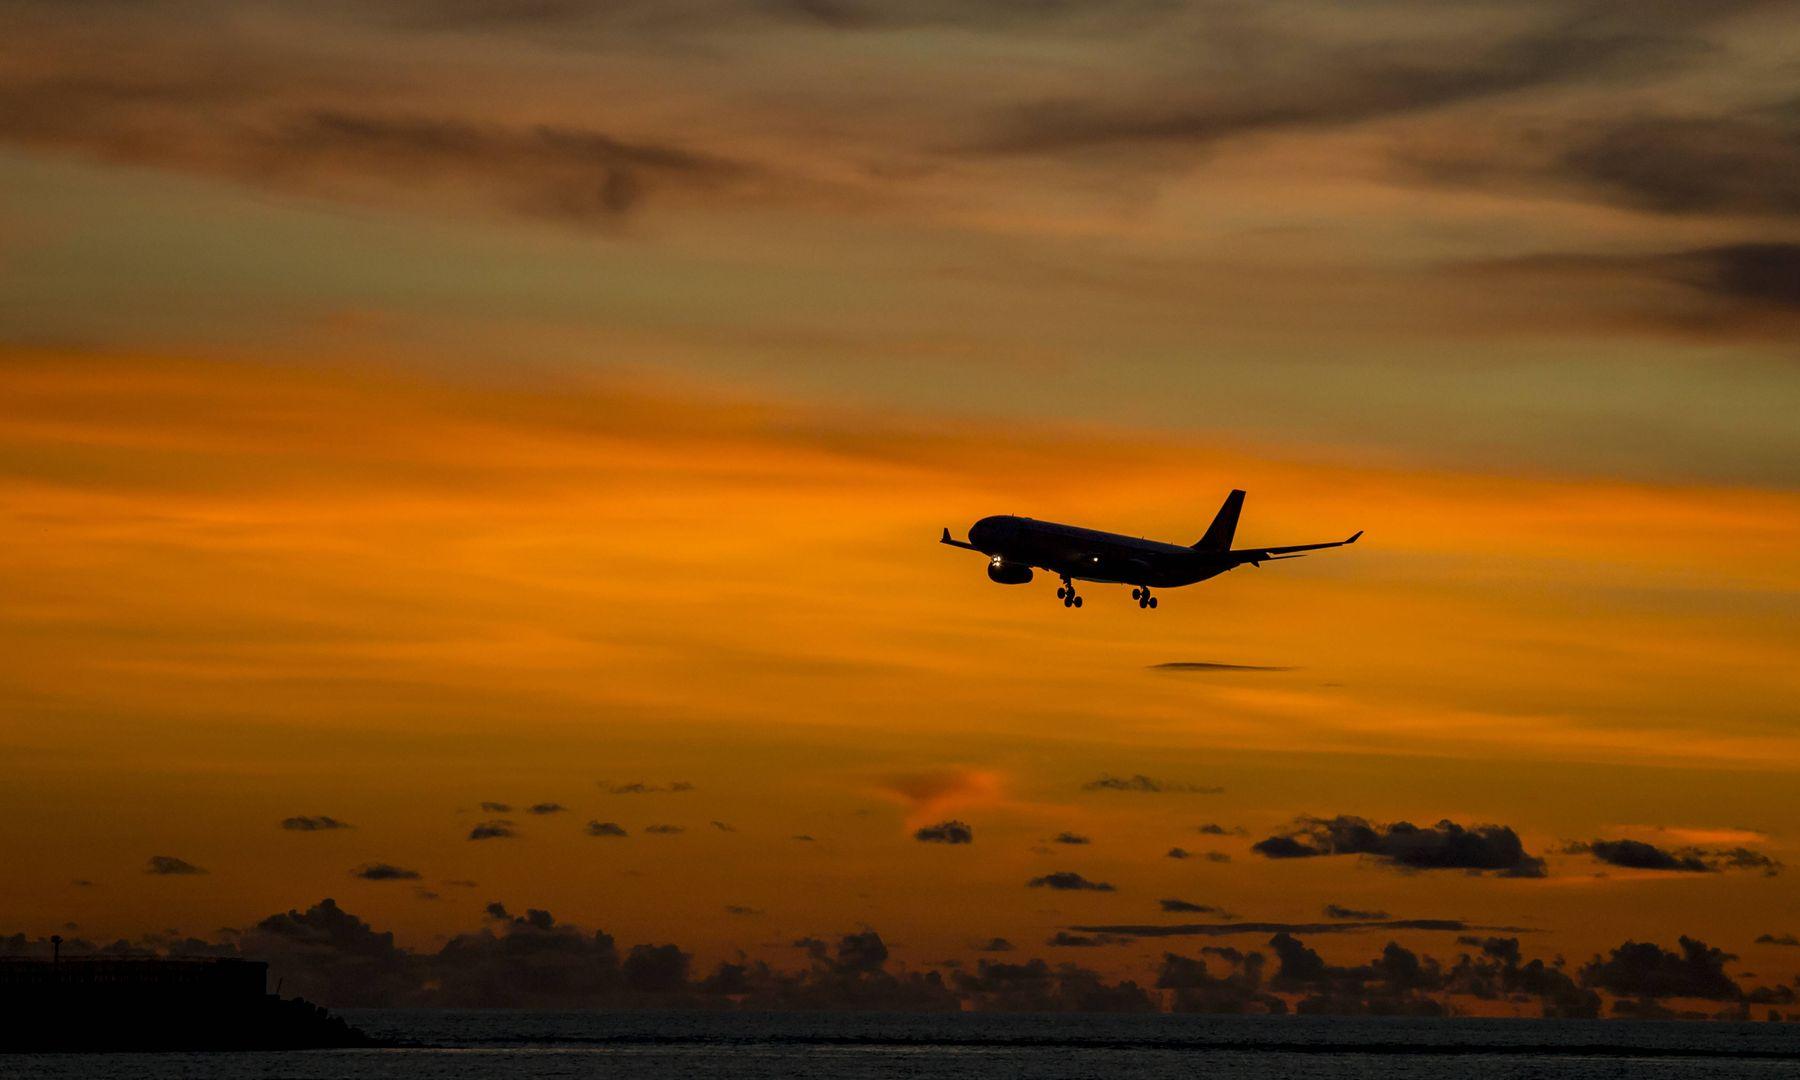 Corona Flugzeug